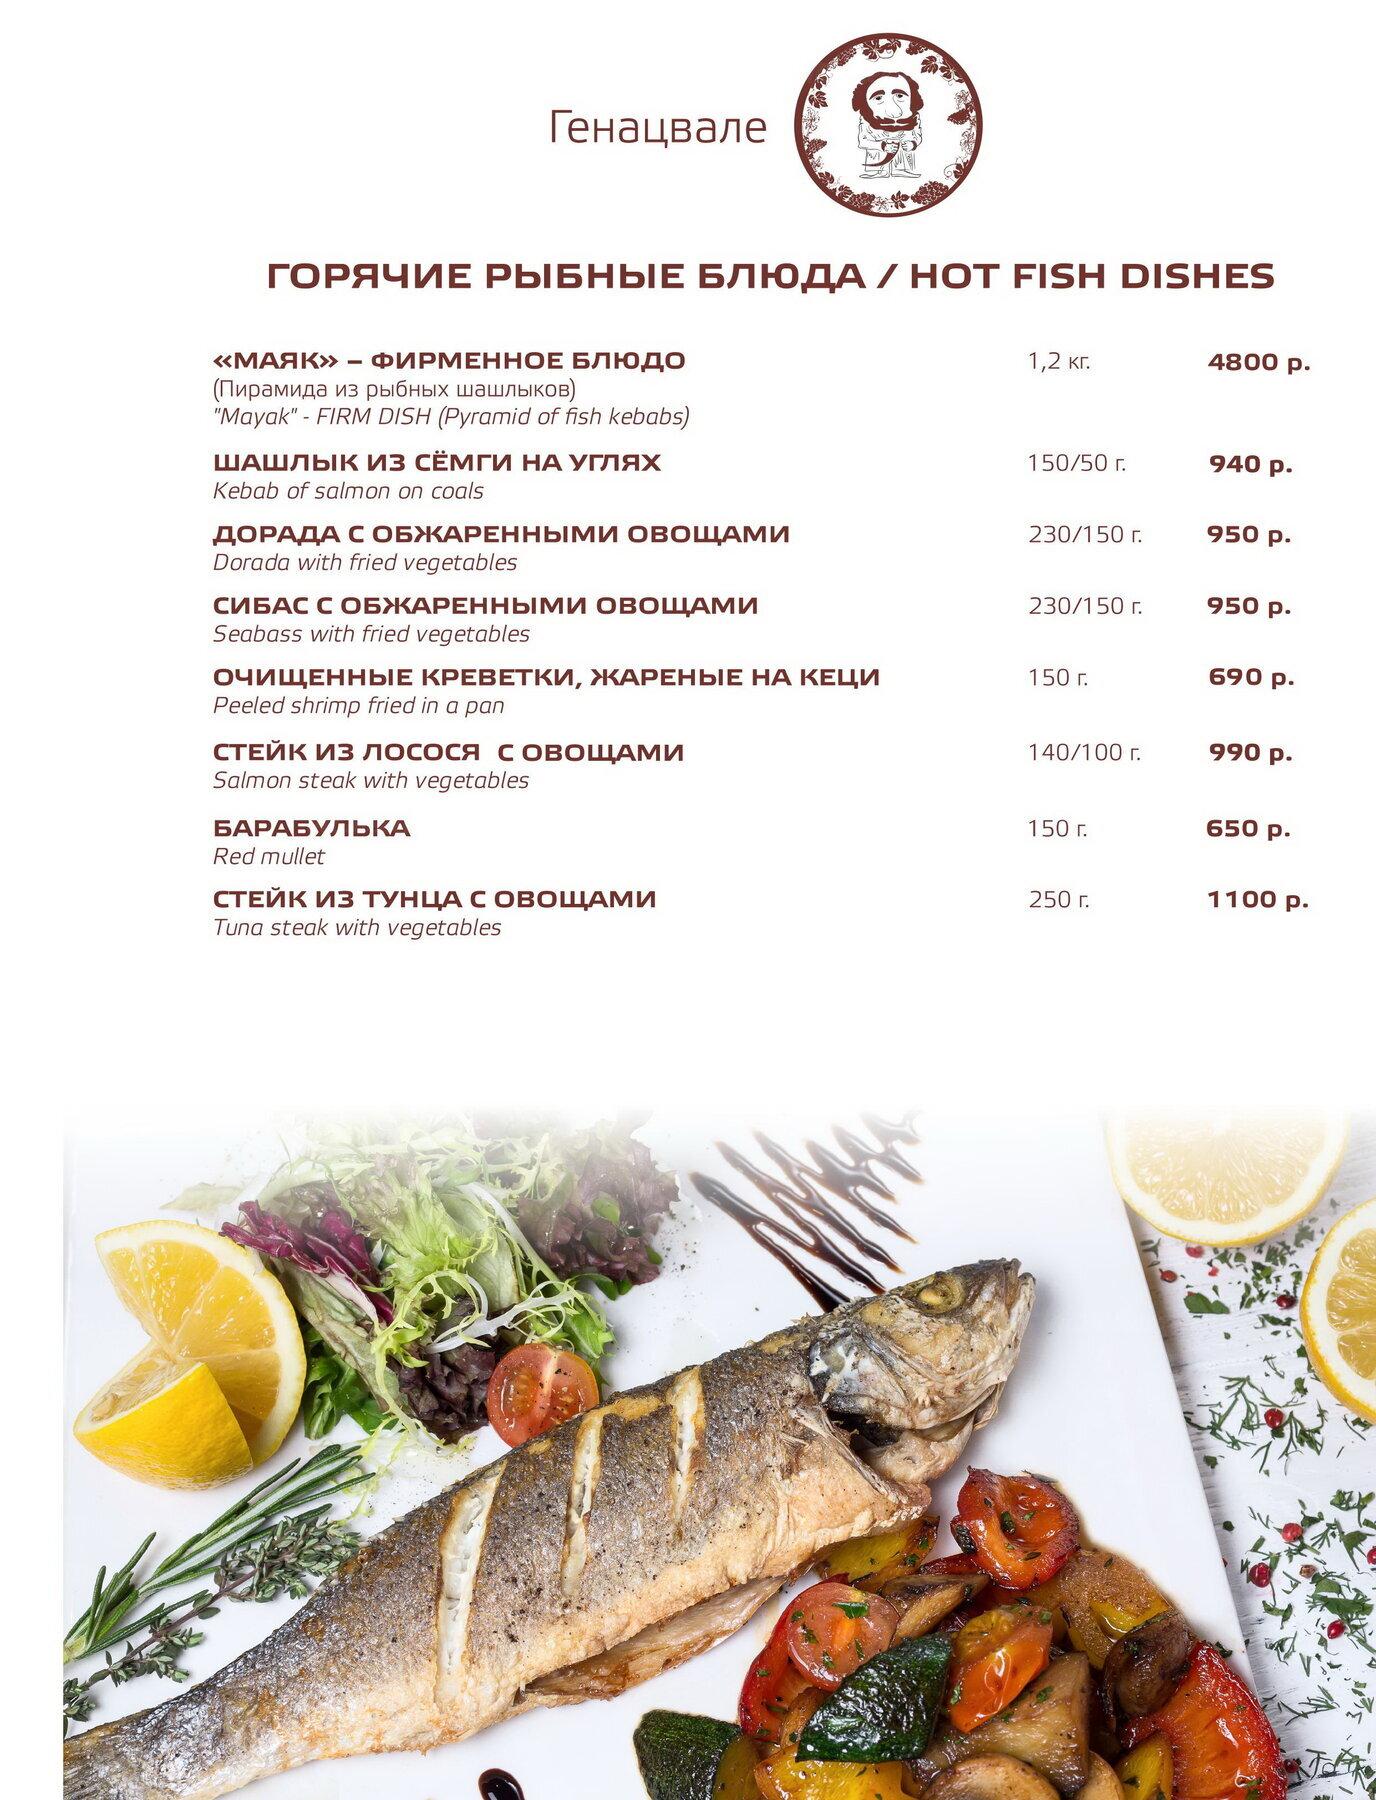 Меню ресторана Генацвале VIP на улице Остоженка фото 10